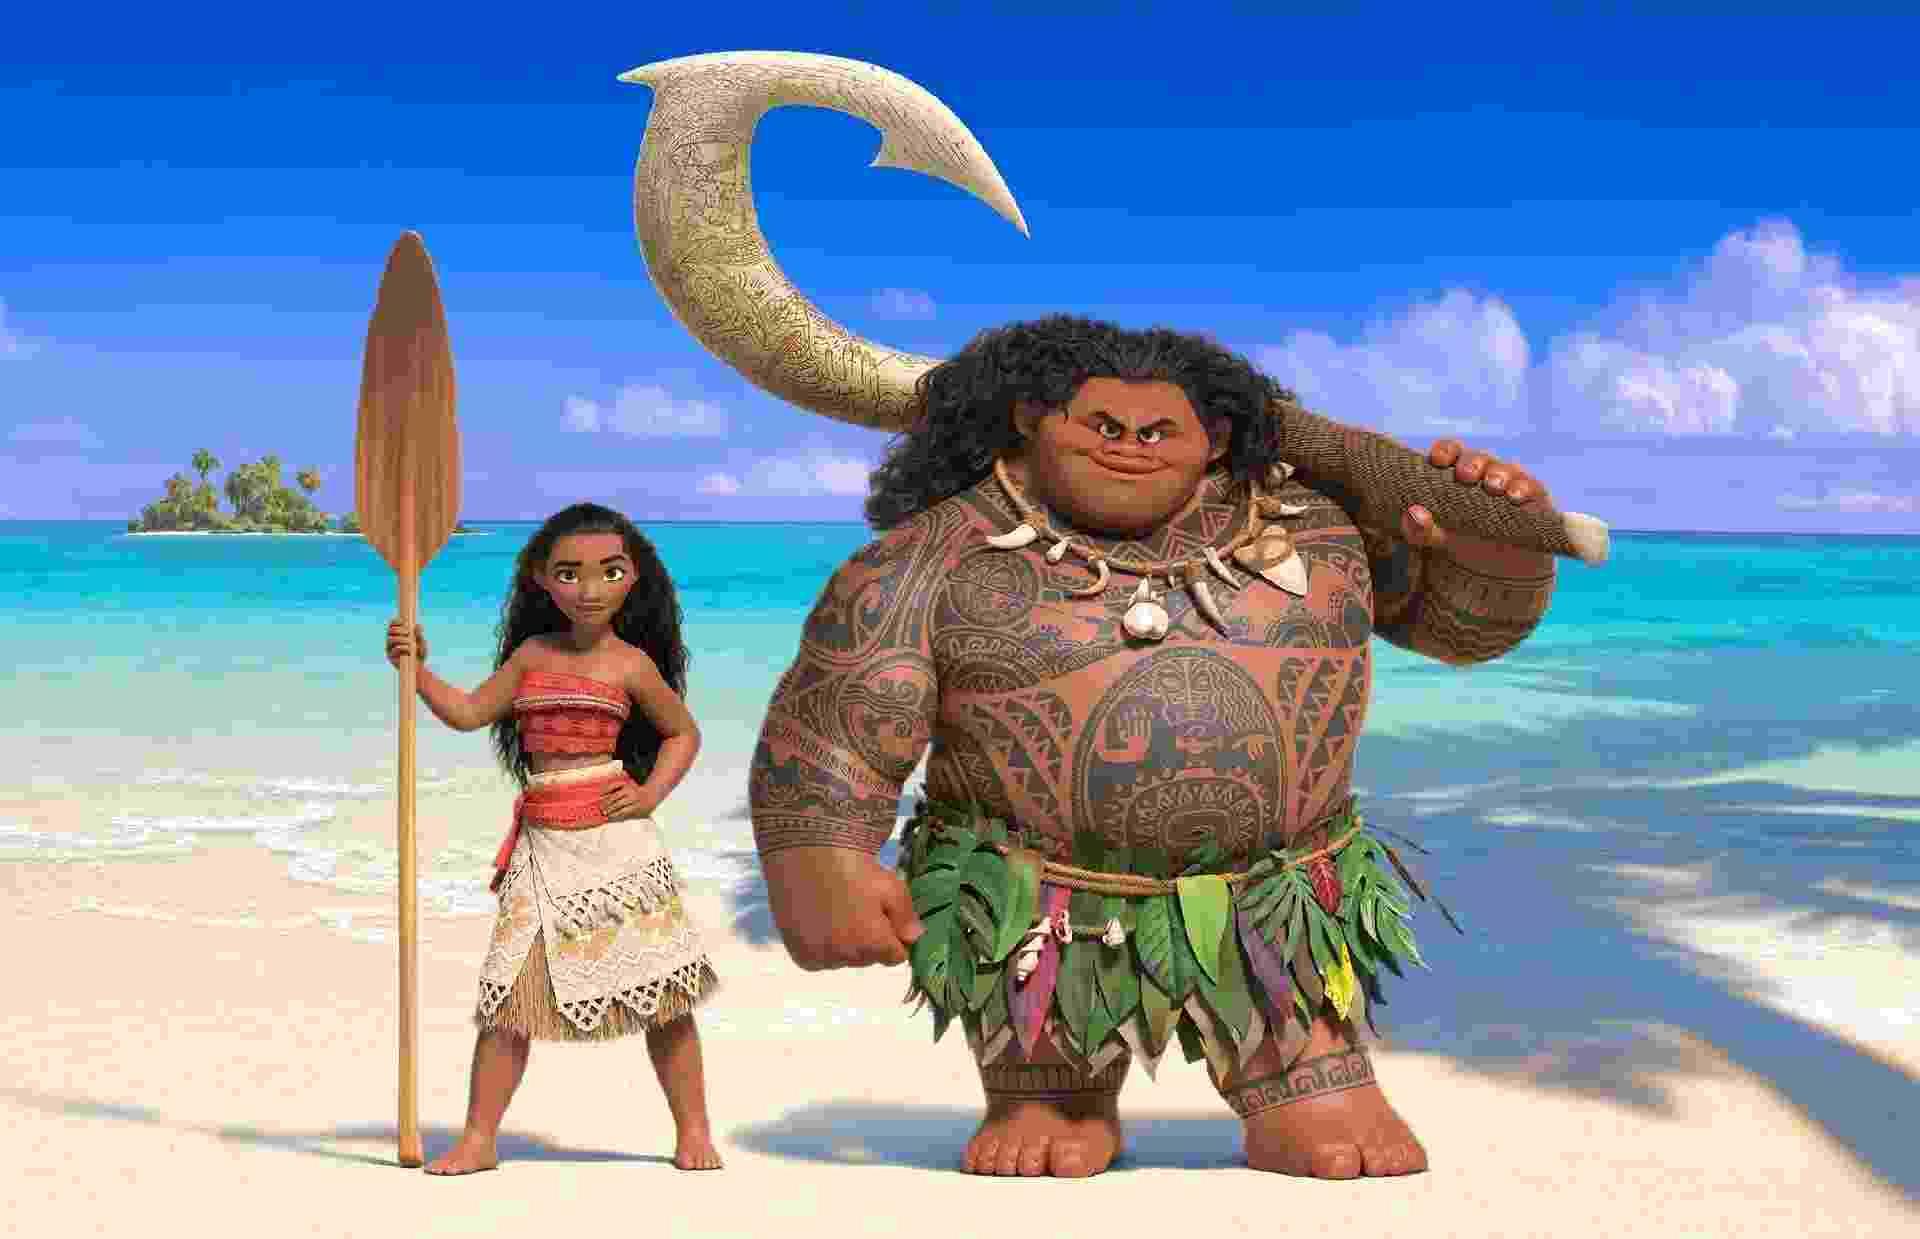 Moana e Maui, os personagens principais da nova animação da Disney - Divulgação